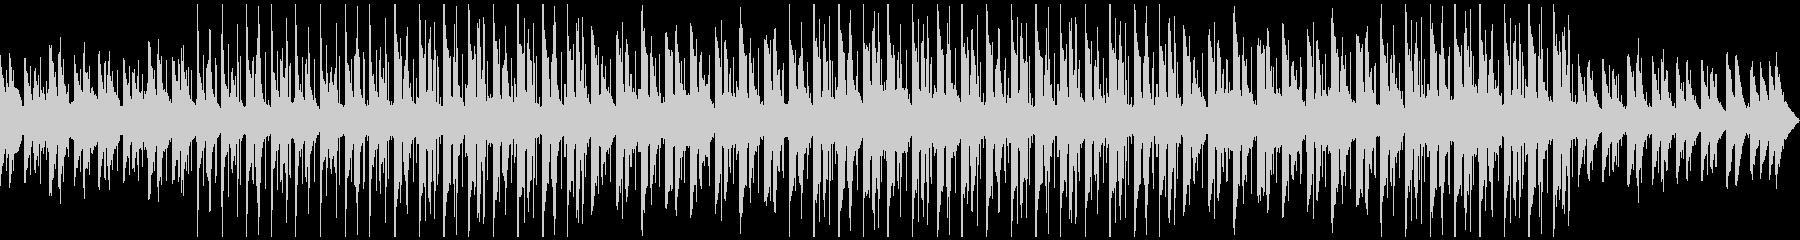 リラックス ピアノ ポップの未再生の波形